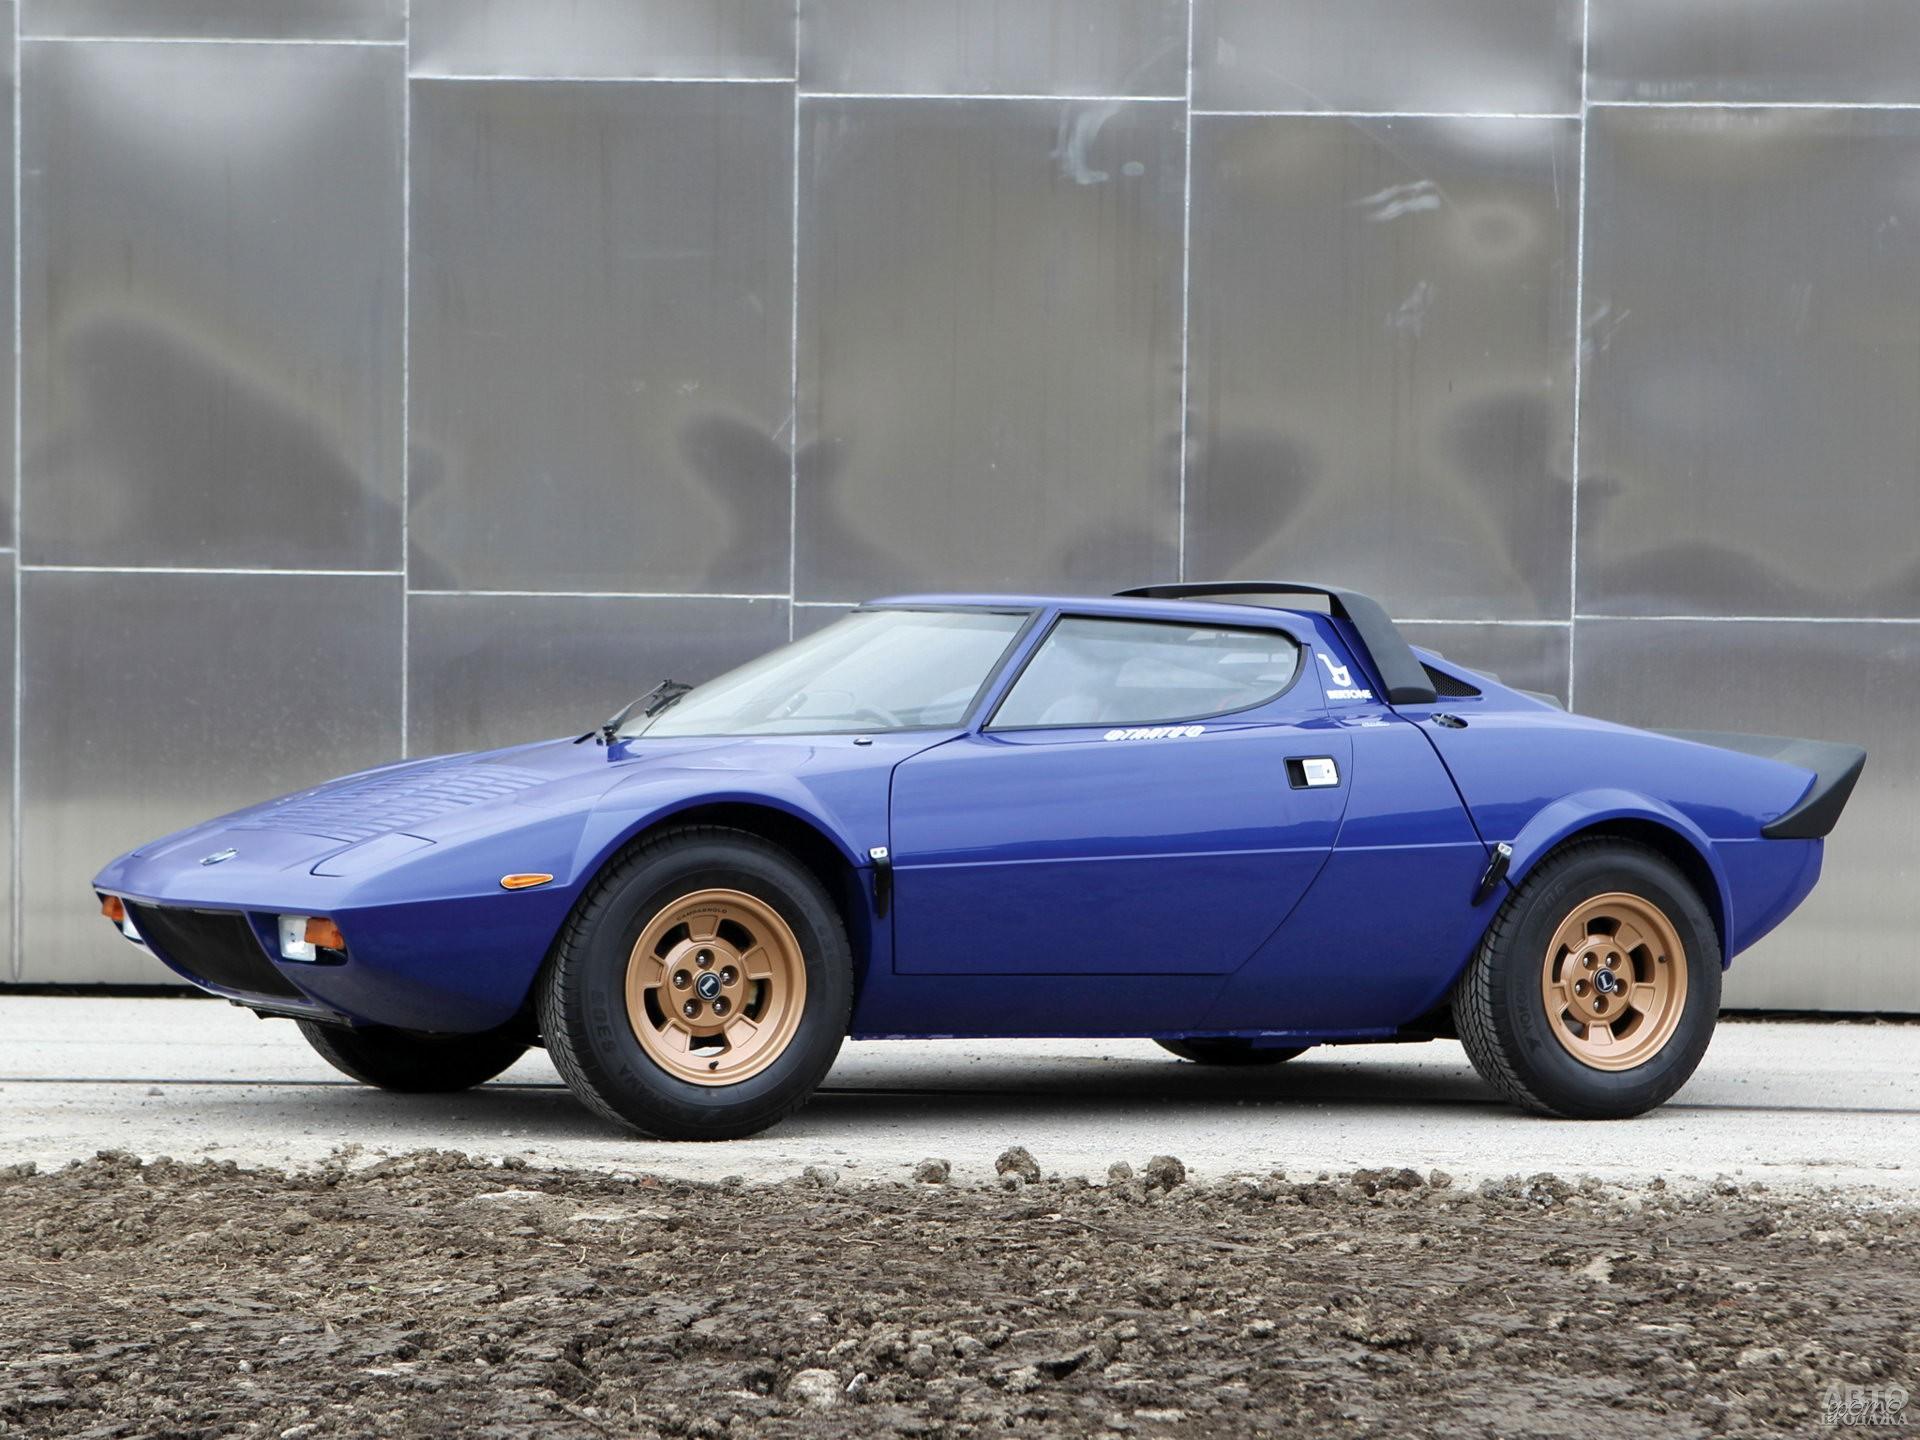 Знаменитый Lancia Stratos 1973 года также использовал V6 Dino